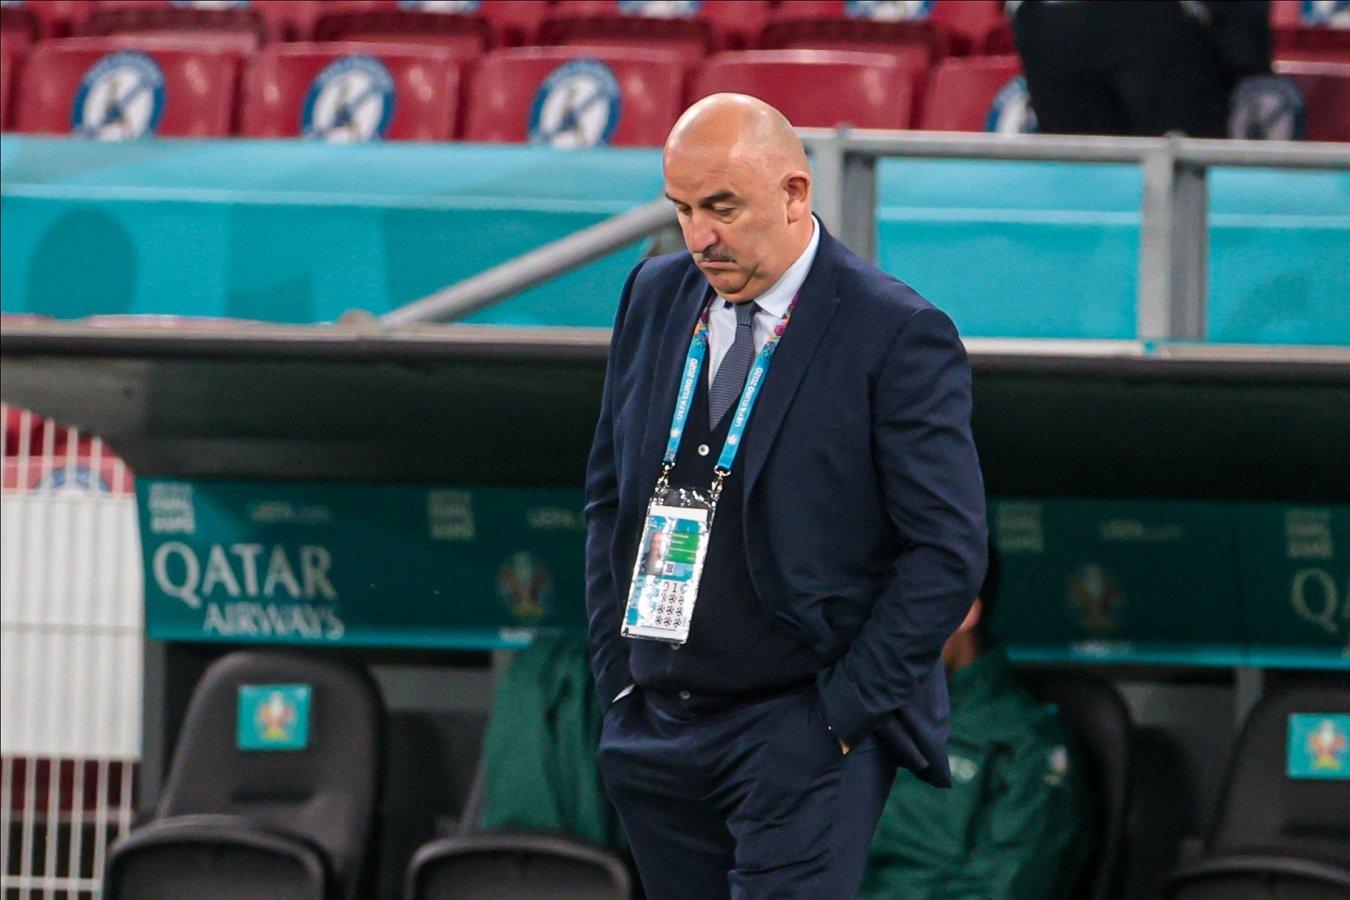 Губерниев поддержал Черчесова, несмотря на провал сборной России на Евро-2020